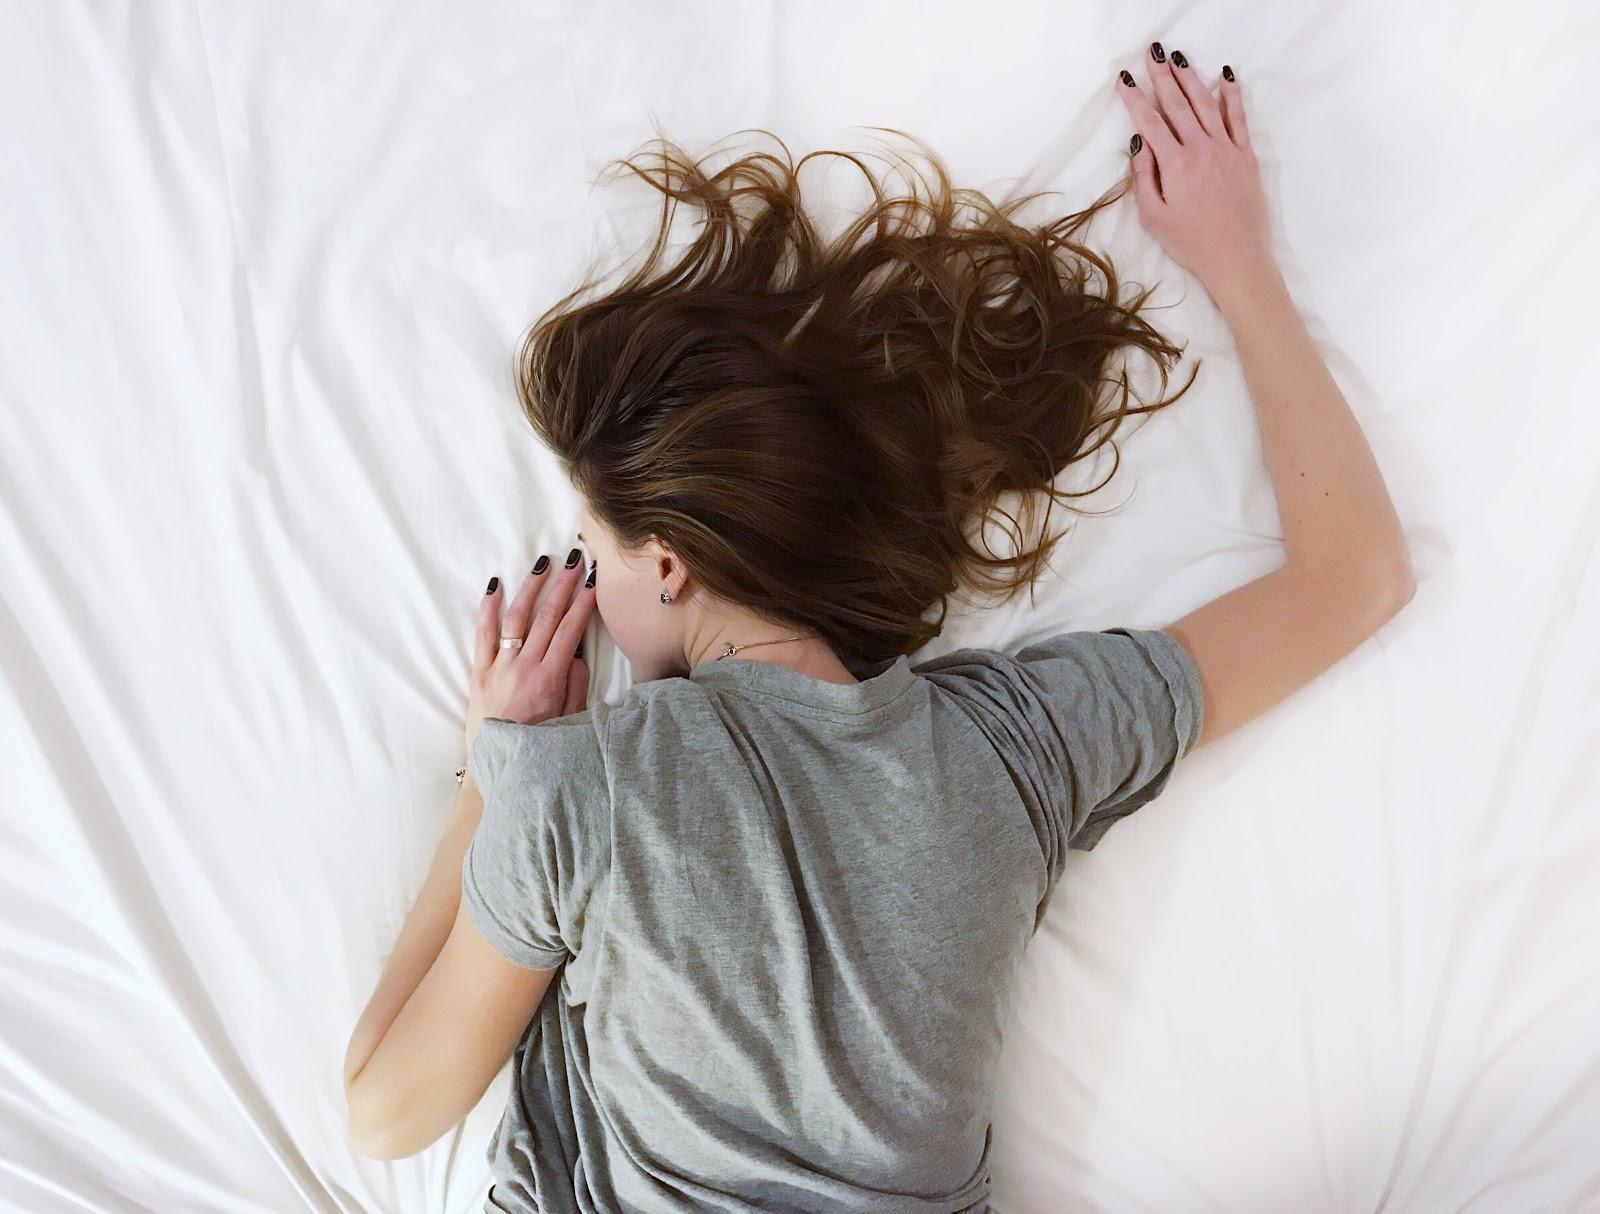 Можно ли спать в бюстгальтере? Или лучше спать без него?